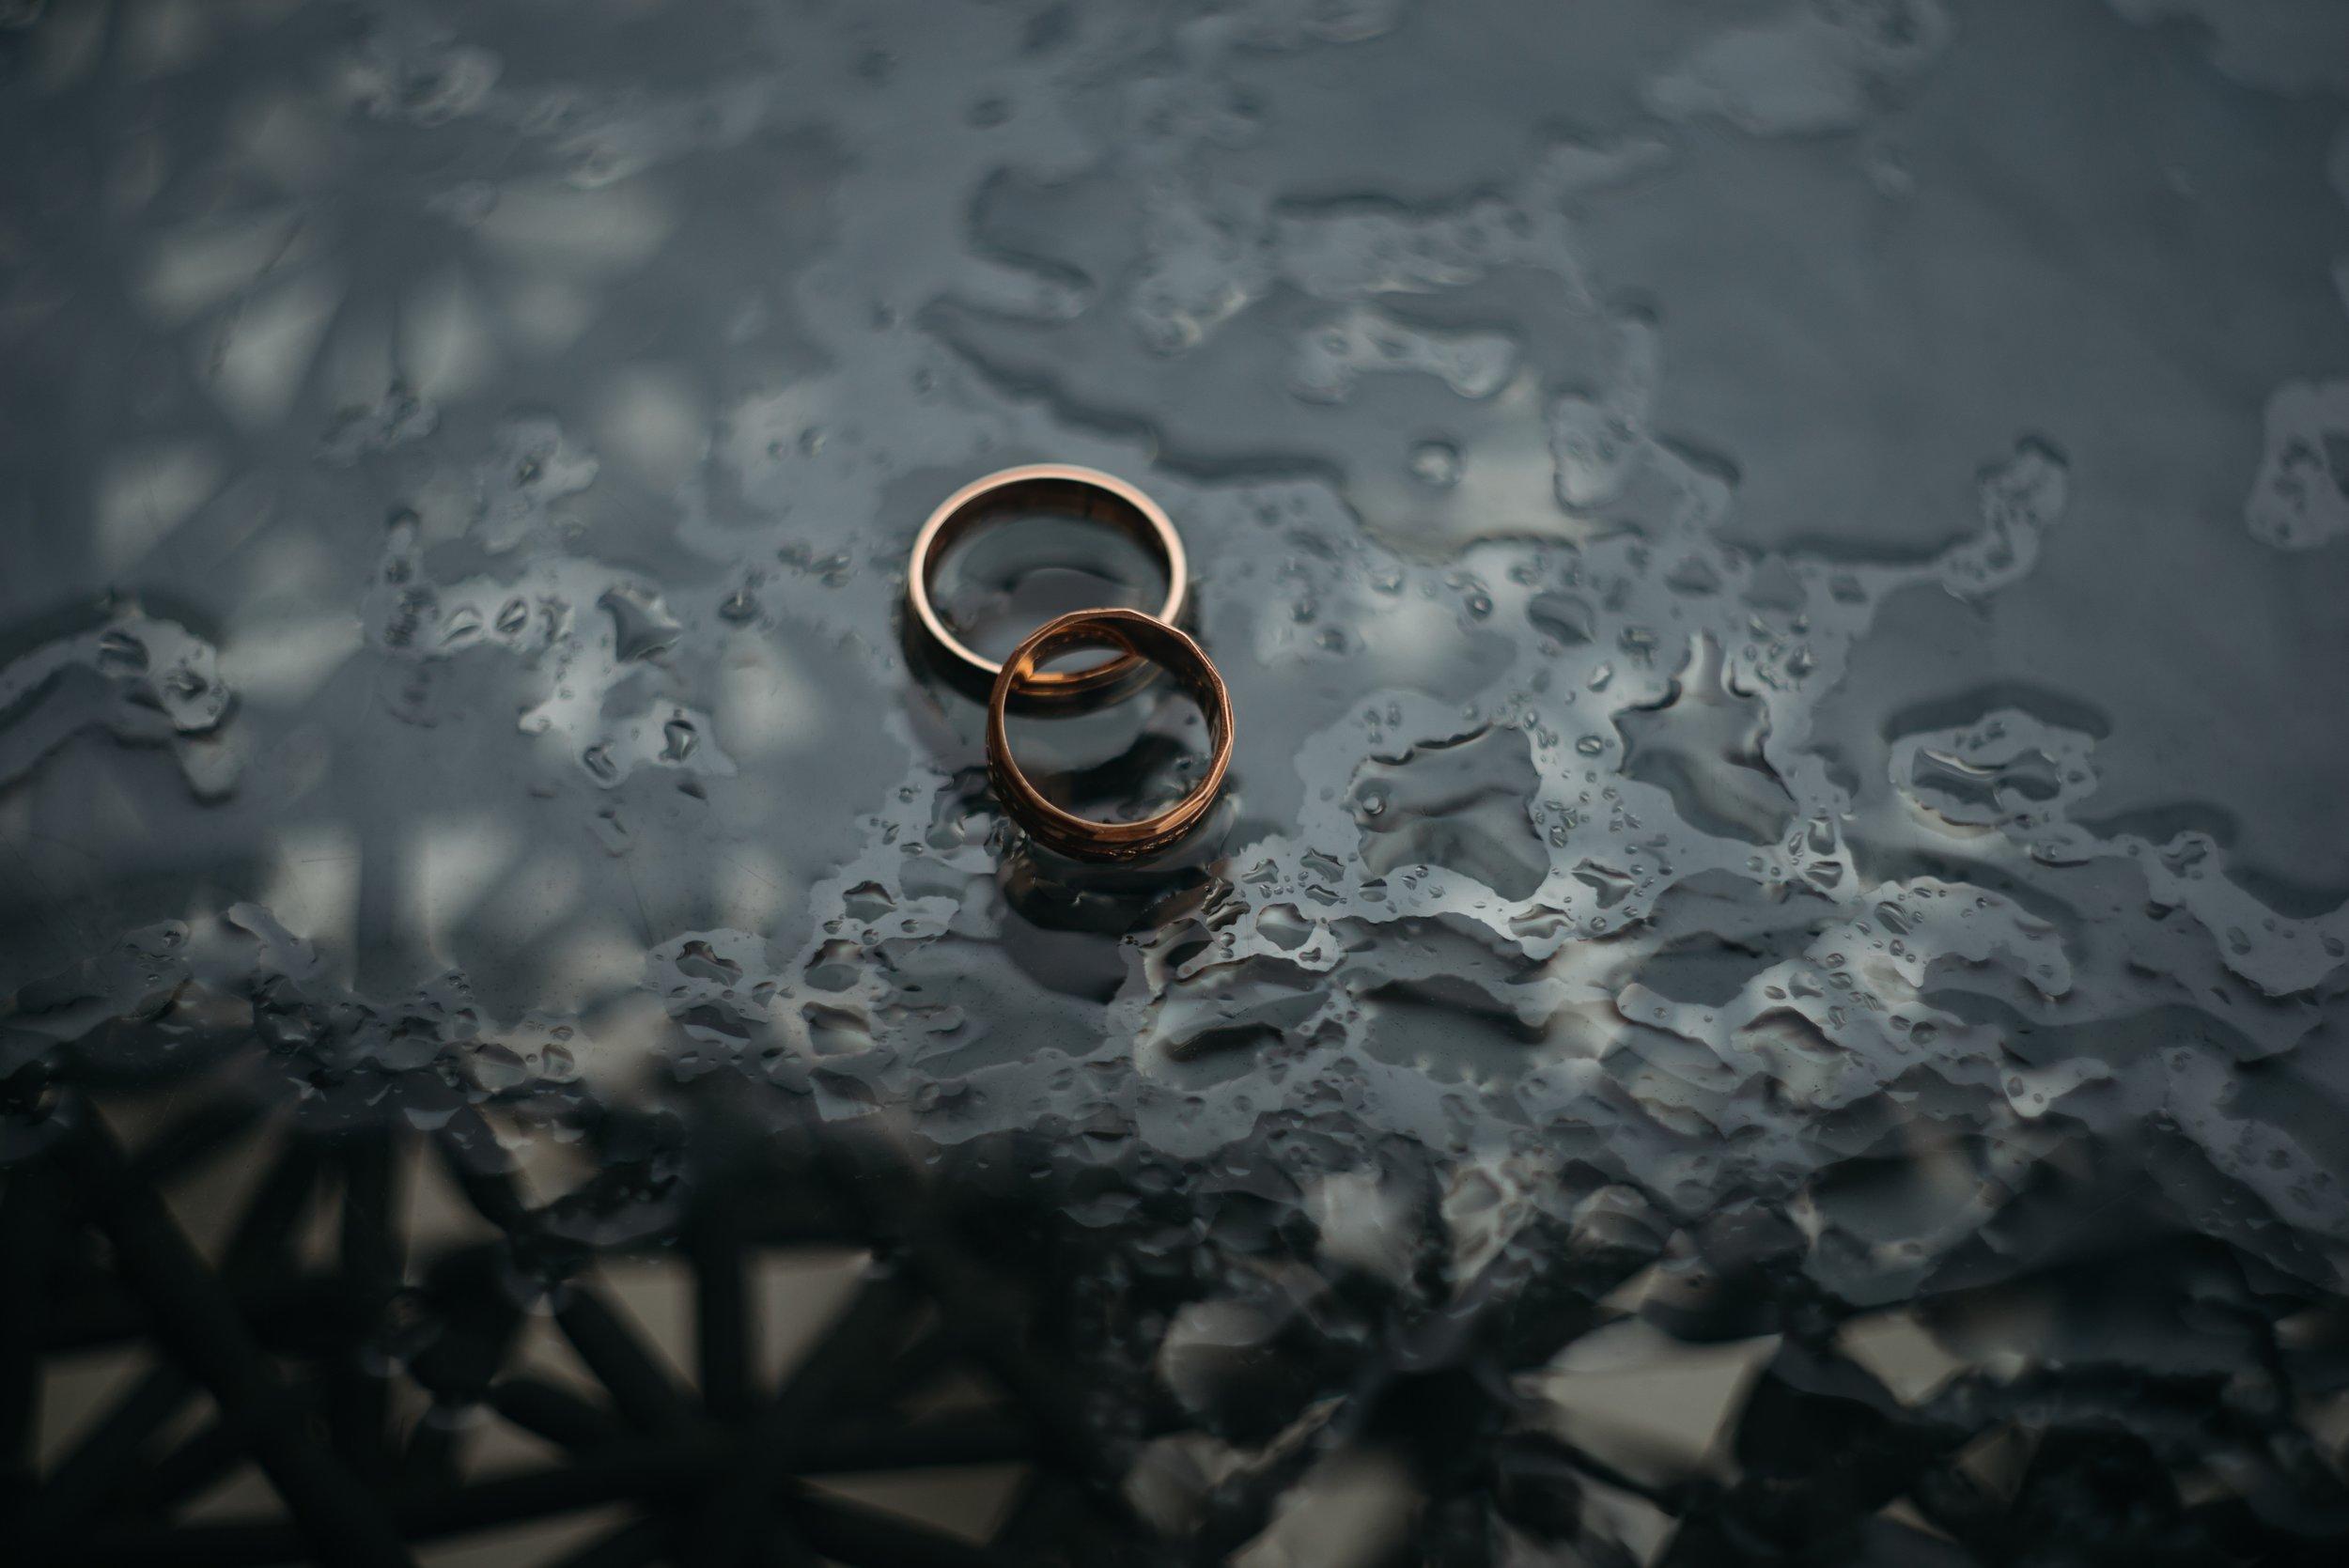 Photo by  Zoriana Stakhniv on  Unsplash